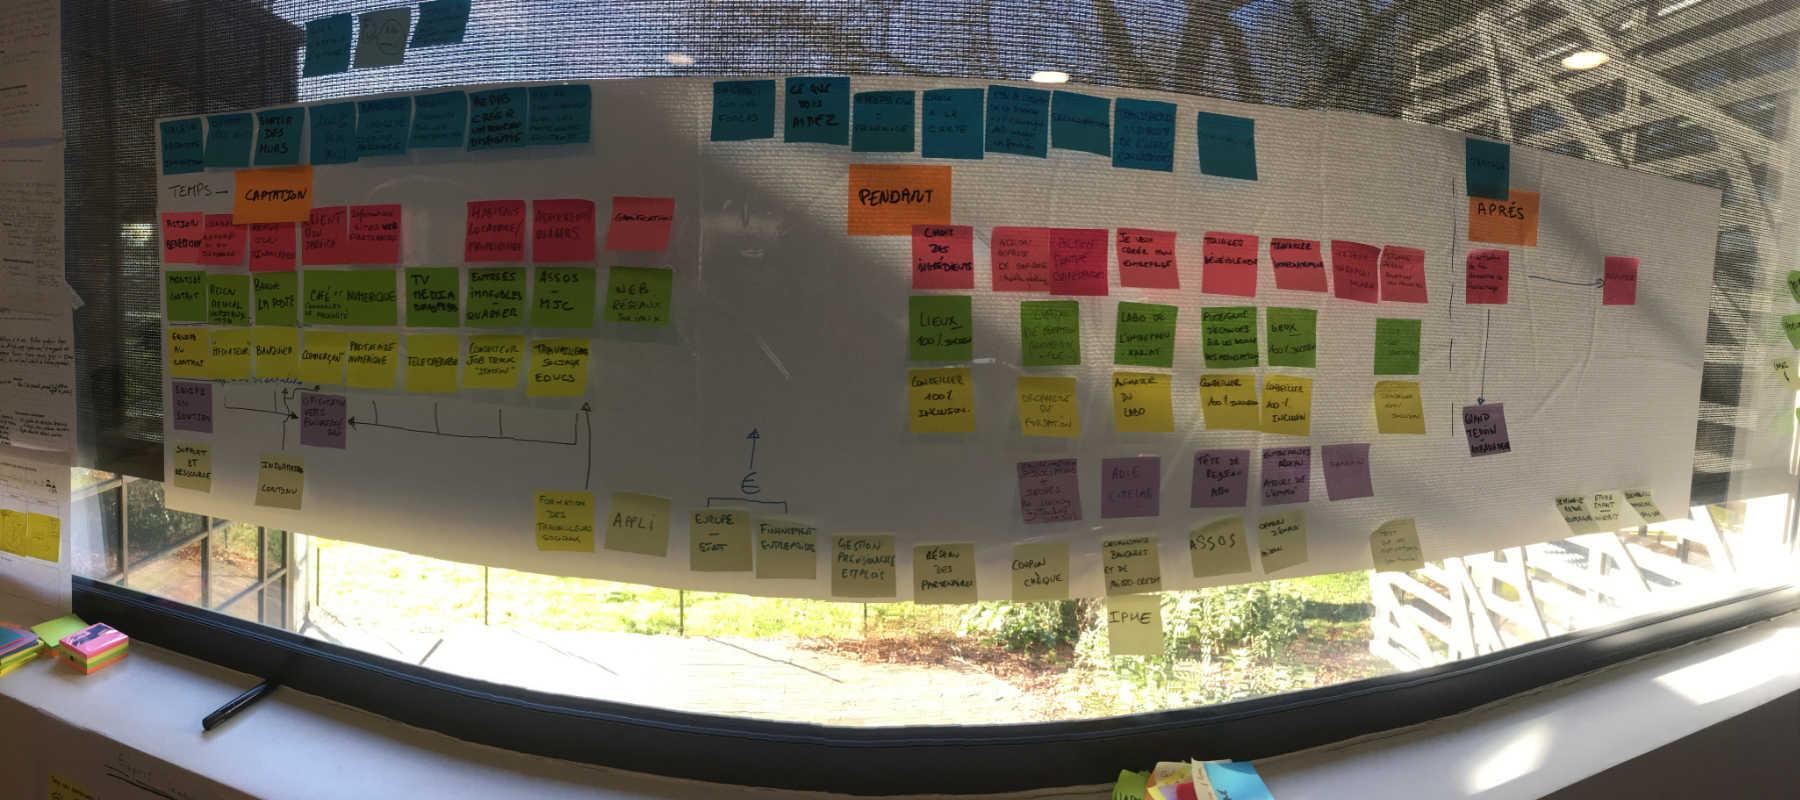 Livrable : service blueprint